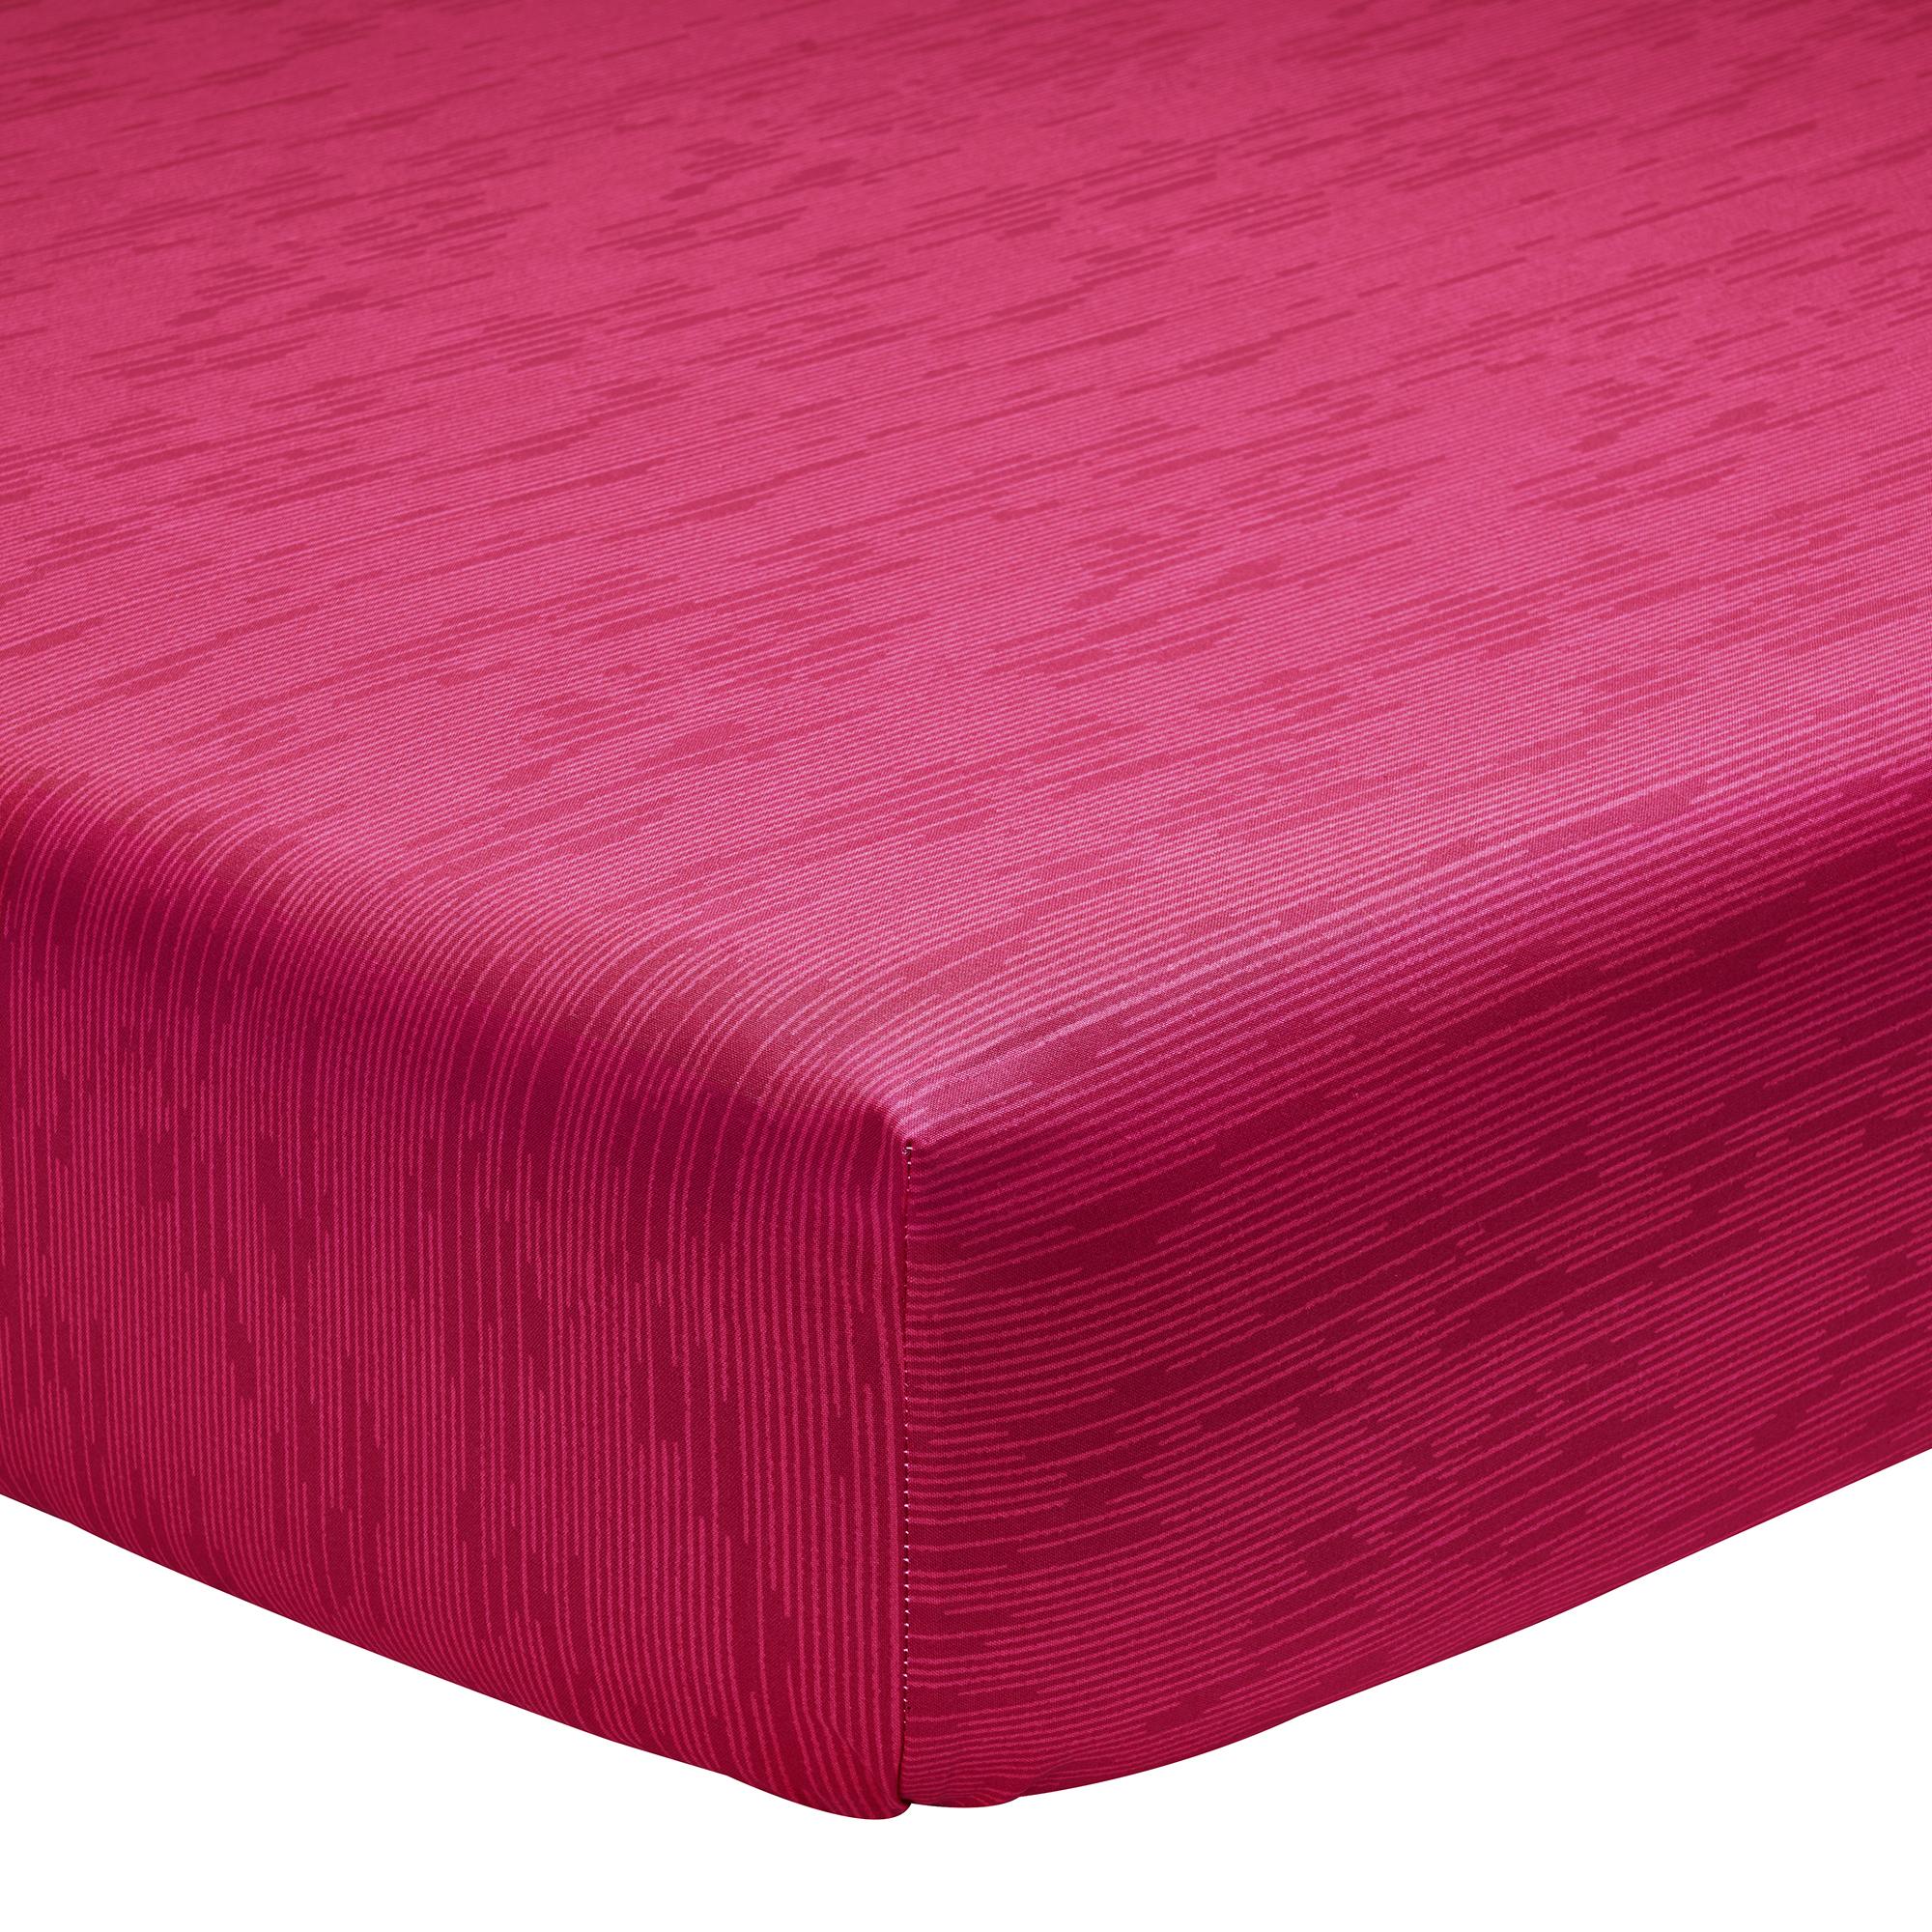 Drap housse imprimé en lyocell rouge 160x200